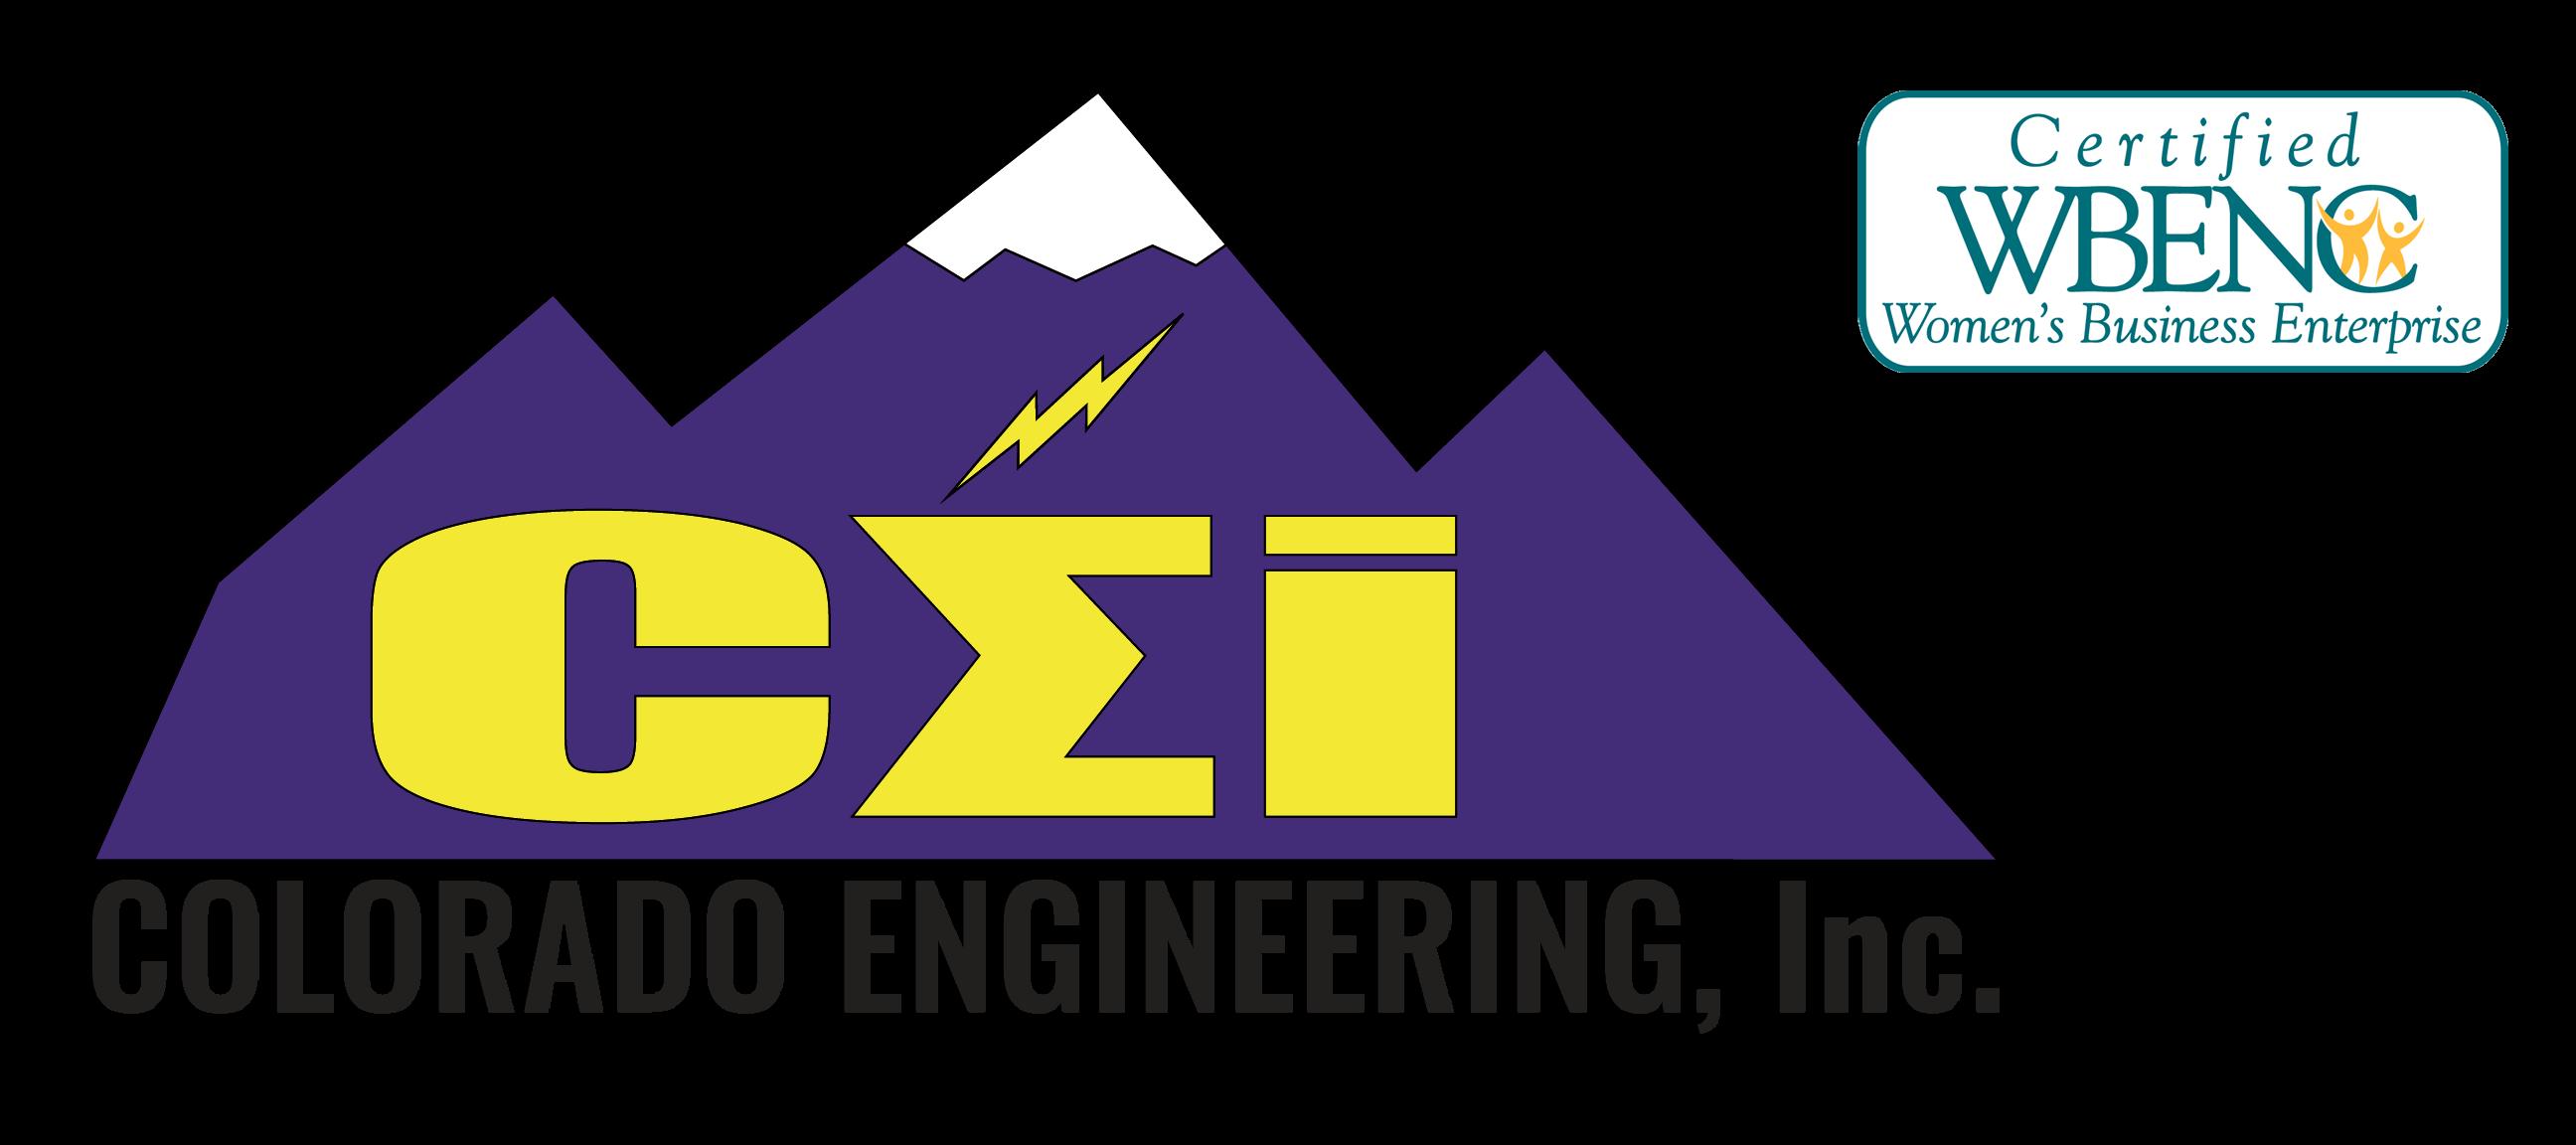 Colorado Engineering Inc.